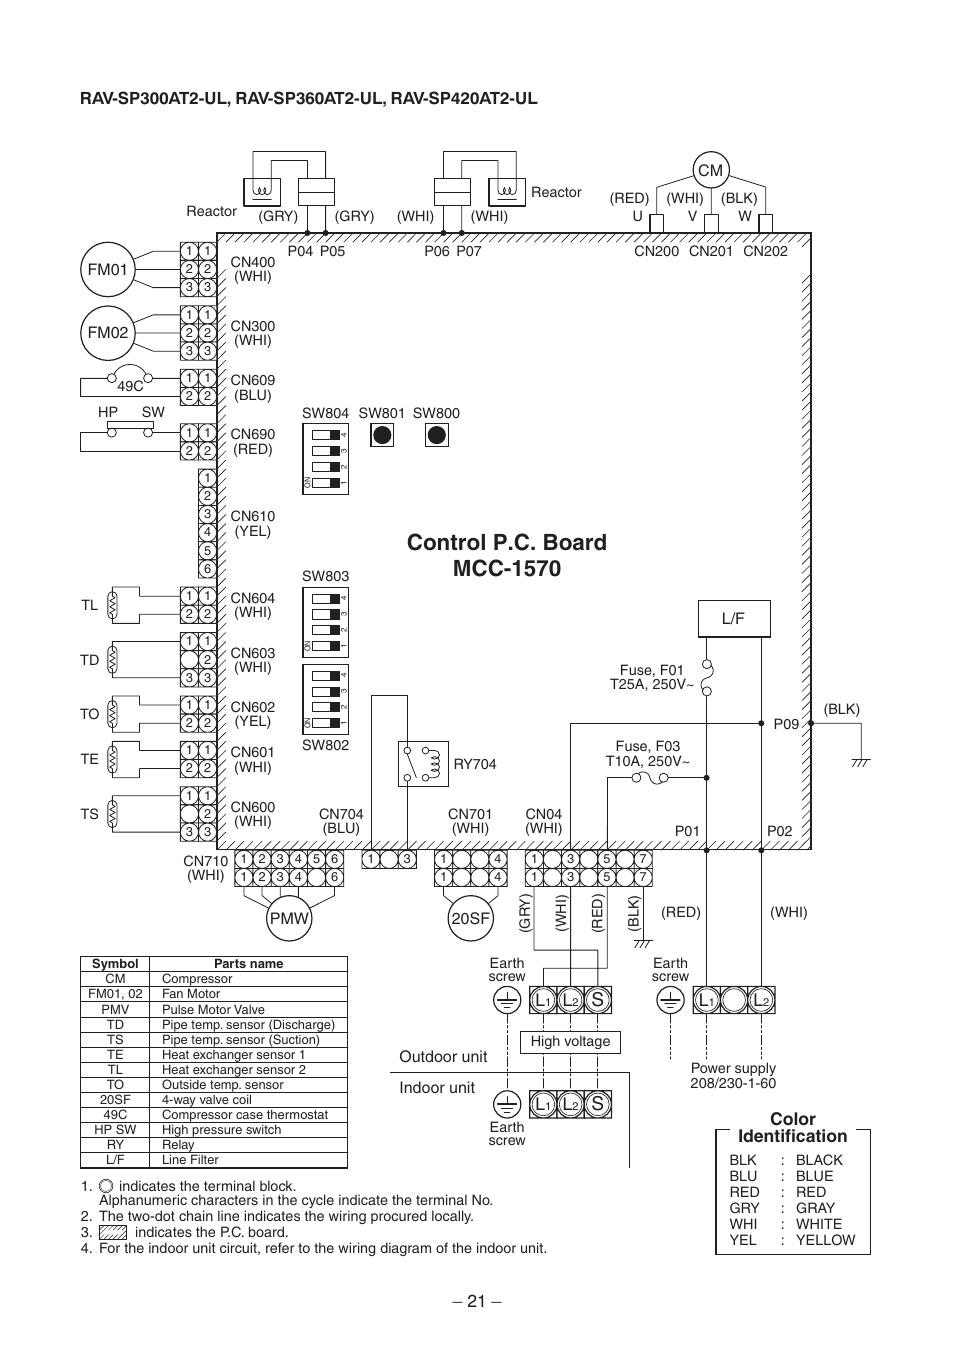 Control p.c. board mcc-1570, Color identification